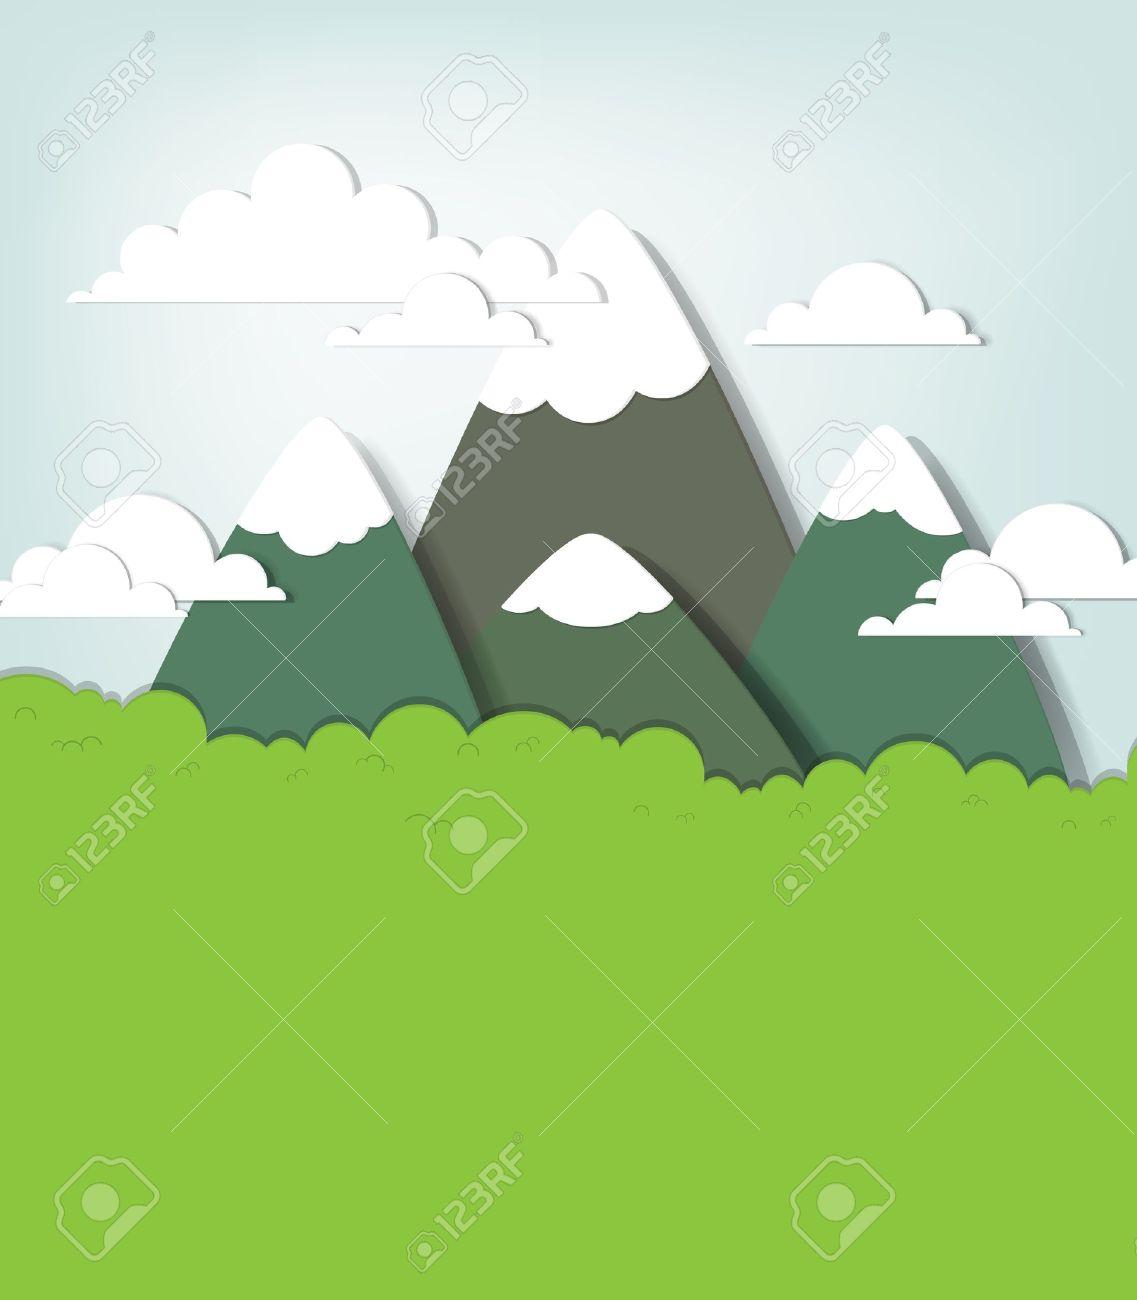 Mountain landscape creative vector applique - 15402361